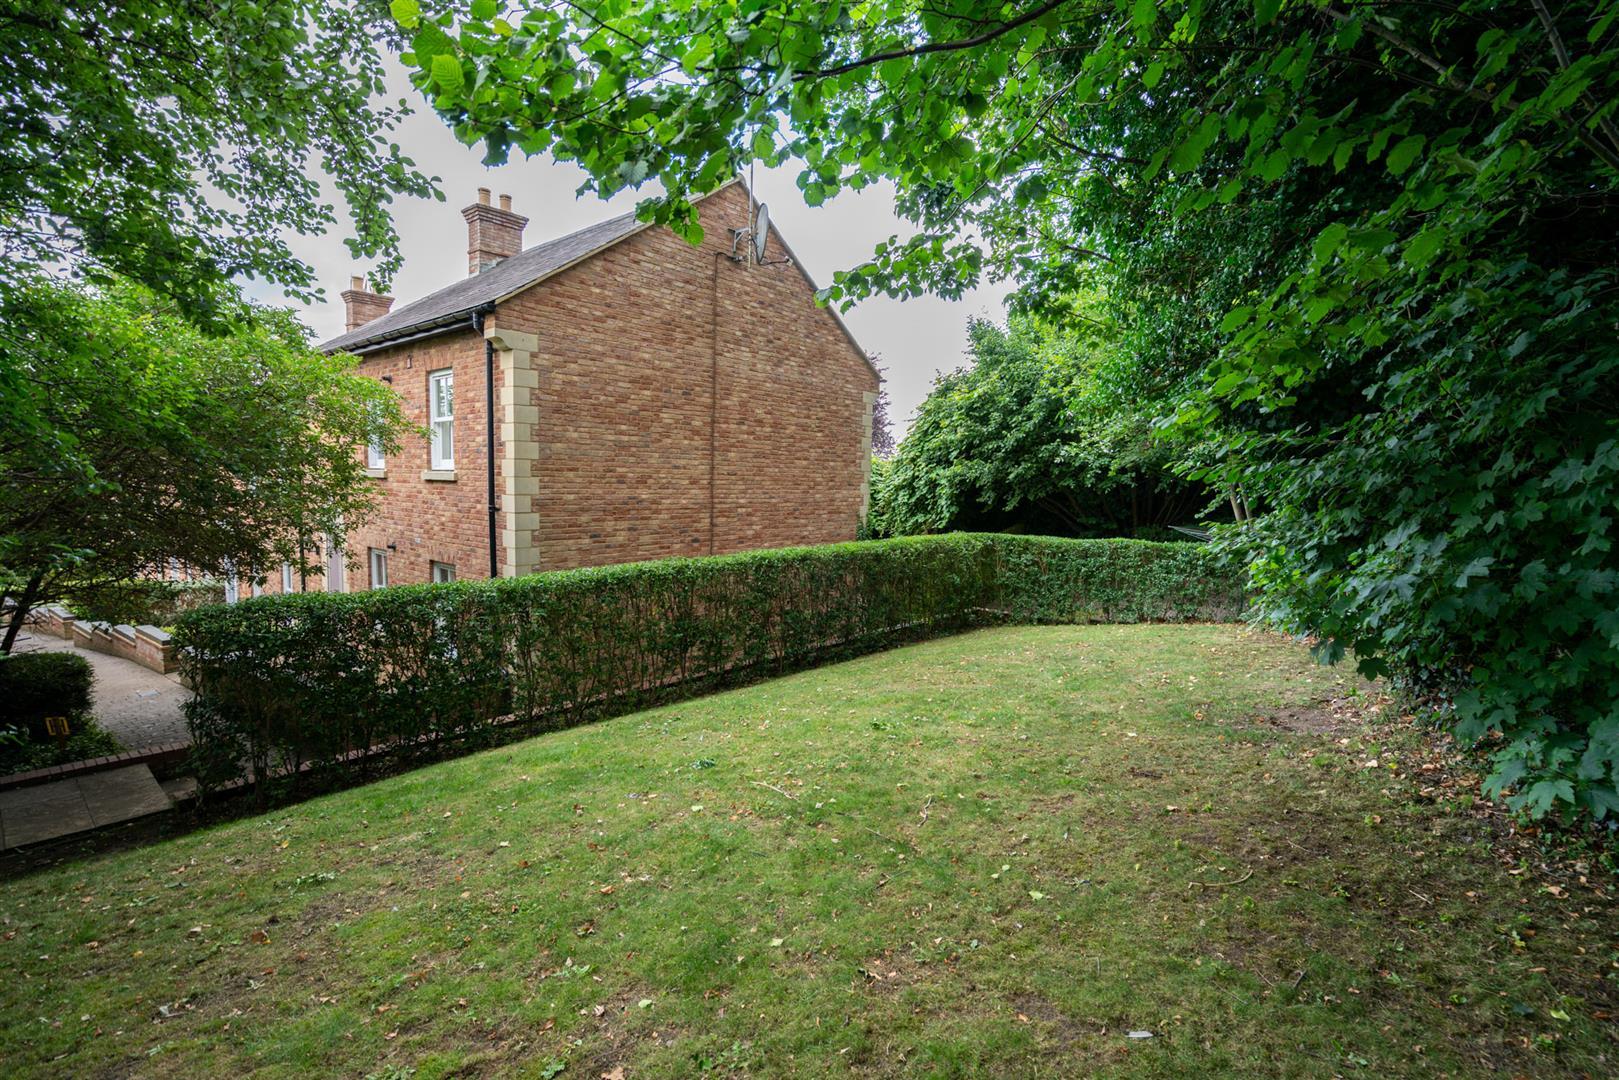 10-Seven-Close-2580-  garden rear 1.jpg